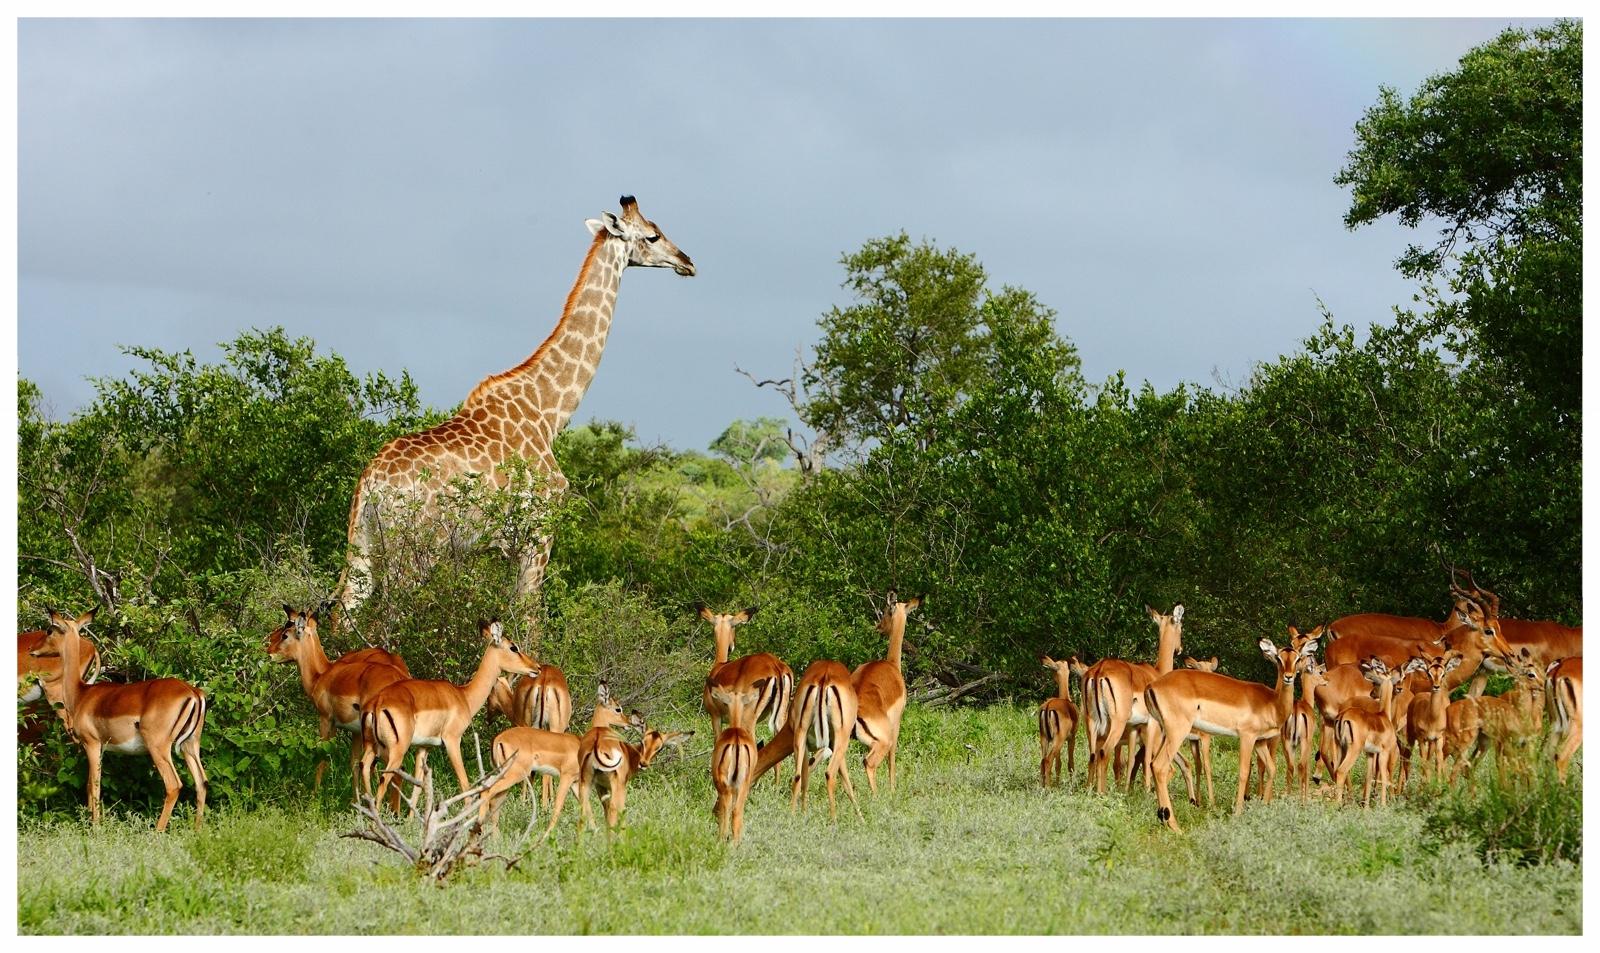 SüdafrikaErstklassige Safaris und cooler Lifestyle - Südafrika verbindet Zivilisation und Wildnis und ist deshalb der perfekte Ort für Safari-Einsteiger. Reisen können in Kapstadt in erstklassigen Hotels, bei tollen Weinen und hervorragendem Essen beginnen, das macht die Gewöhnung an den neuen Kontinent und seine Kultur ganz einfach, wenn man mit seinen besonders authentischen Ländern wie Botswana, Namibia, Tansania oder Kenia noch nicht vertraut ist. Die Auswahl an Lodges während der anschließenden Safari ist riesengroß und auch auf Annehmlichkeiten wie Klimaanlage und Roomservice muss nicht verzichtet werden. Ohne die Zivilisation jemals ganz aus dem Blickfeld zu verlieren, sind in der nördlichen Kalahari, den Waterbergen, der Gegend um den Krügerpark und auch nördlich von Durban beeindruckende Tierbeobachtungen möglich.